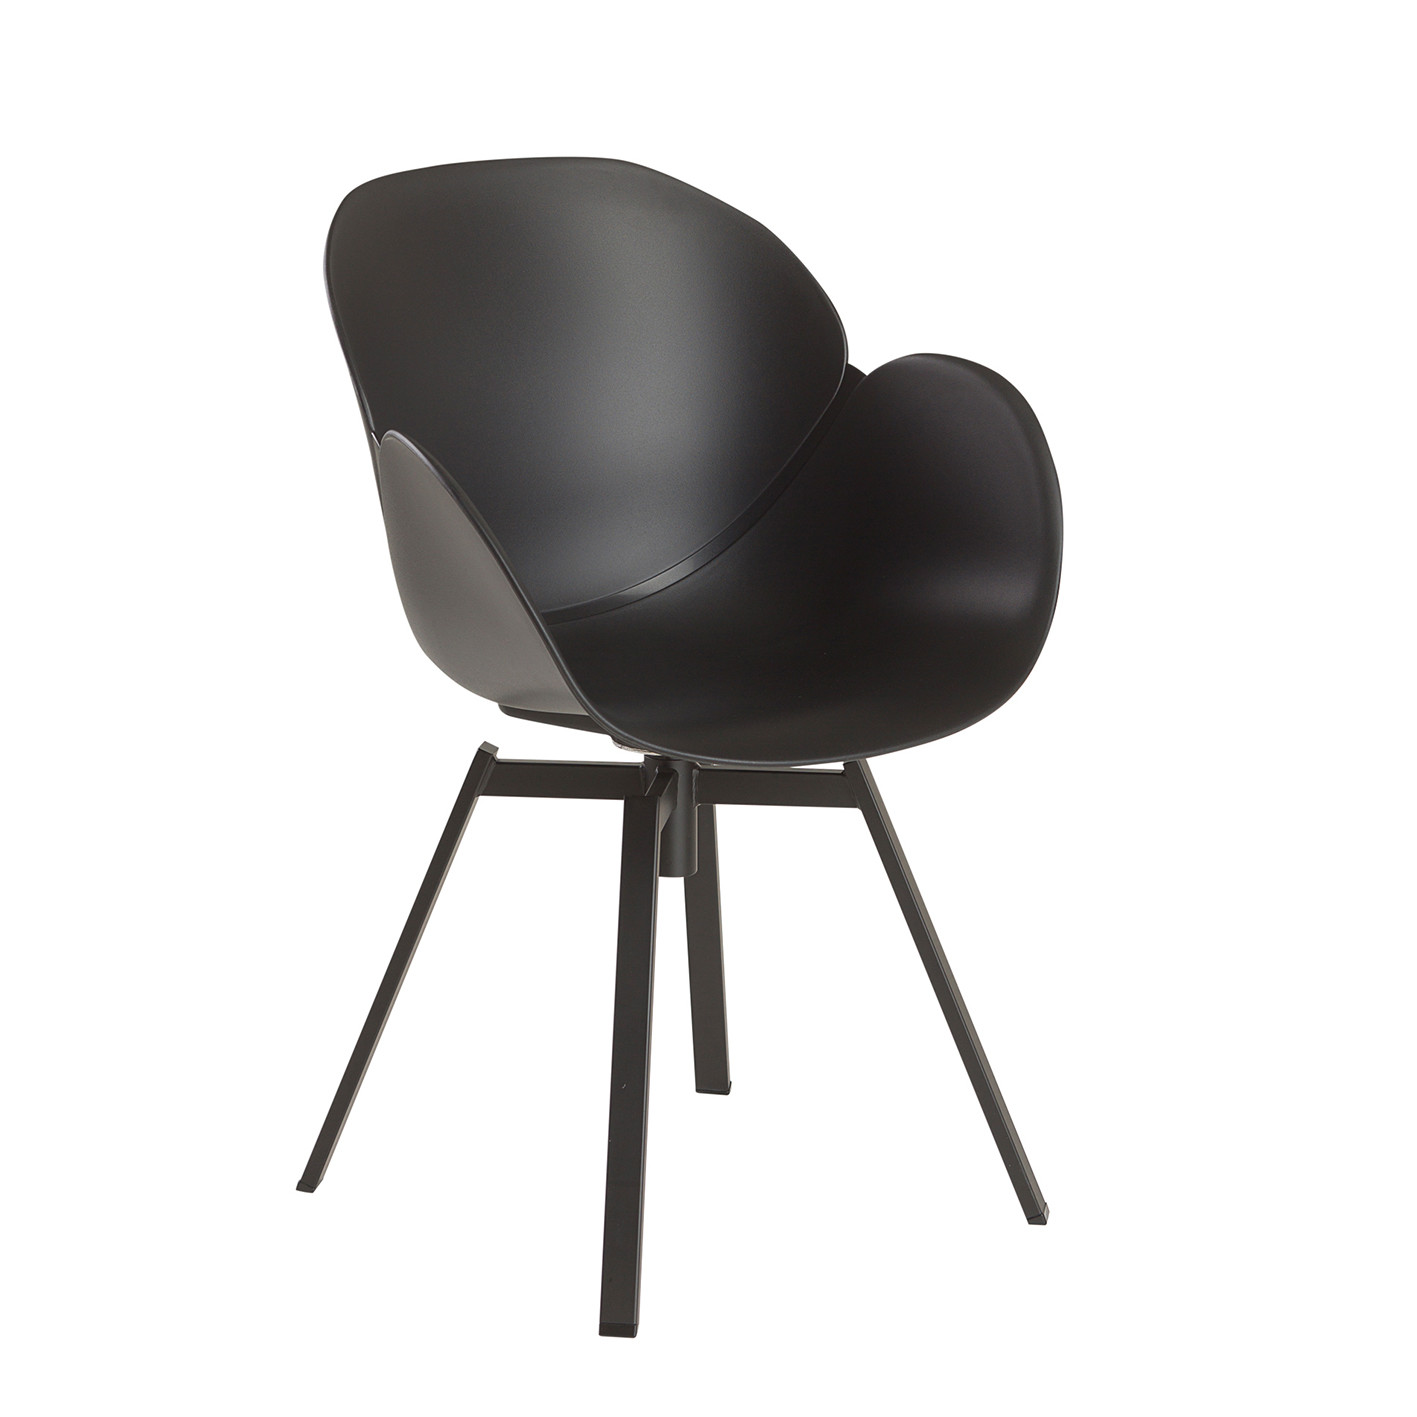 Køb CURVE stol sort lige her!   Lækker kvalitet   Hurtig fragt!